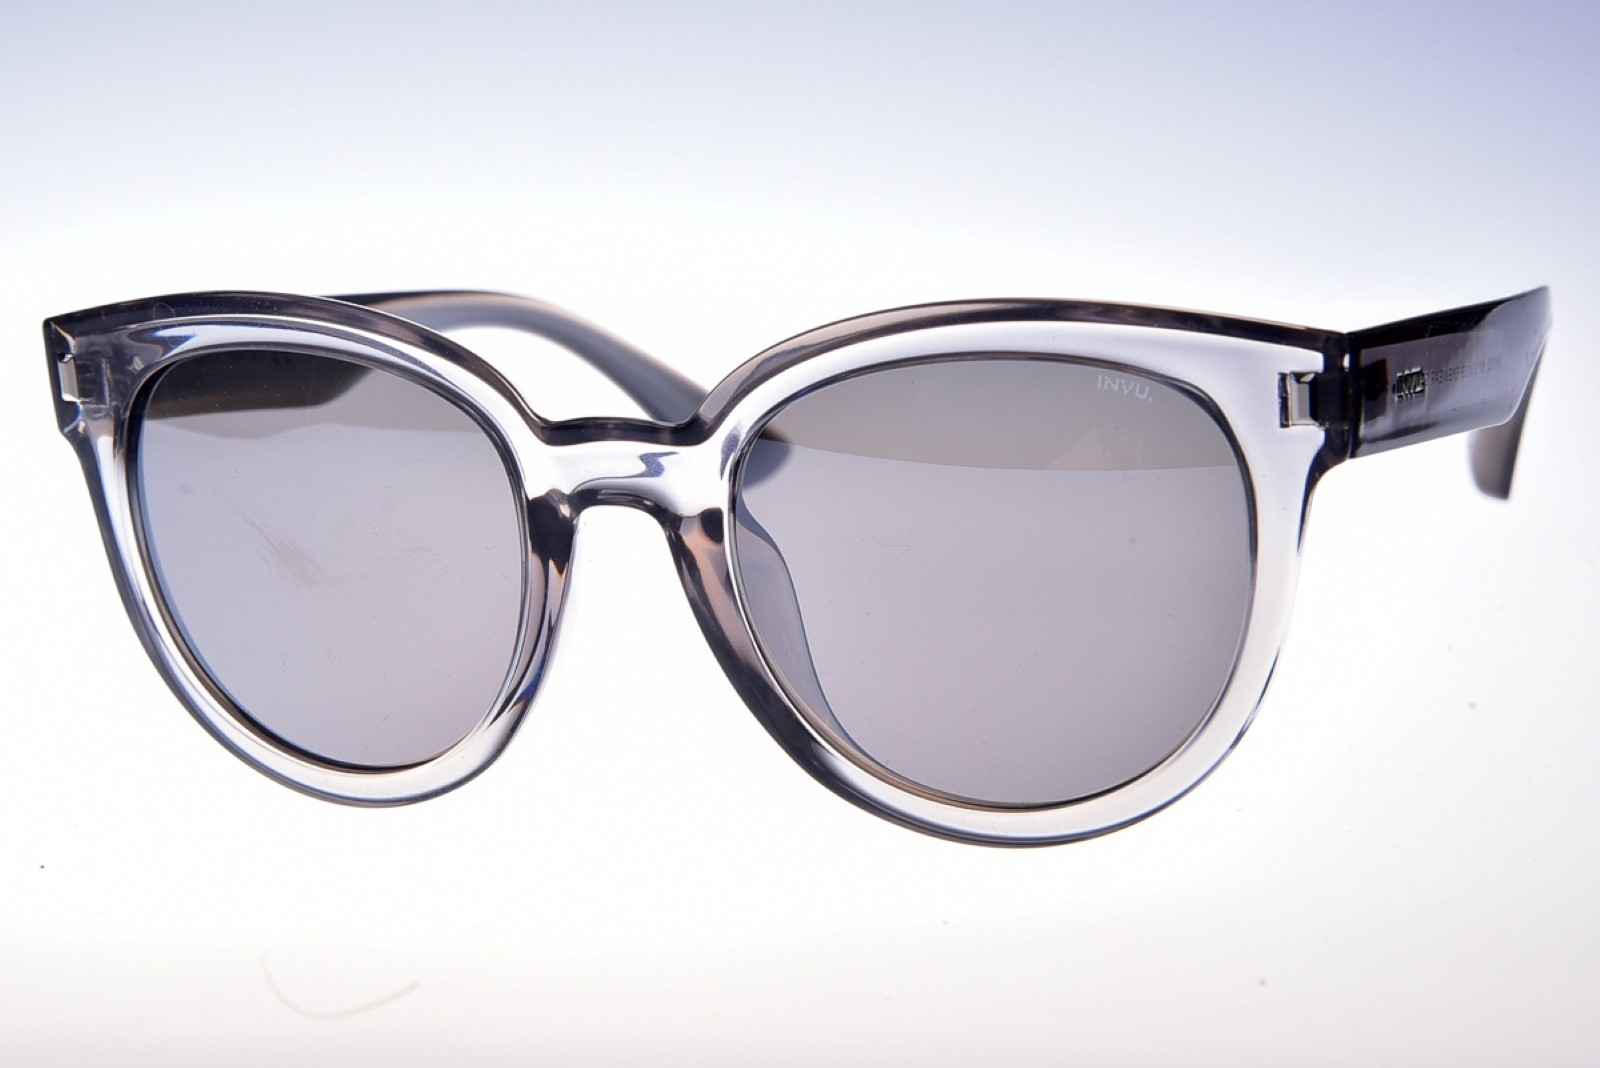 7d9337c79 INVU. Trend T2810A - Dámske, pánske a detské slnečné okuliare ...